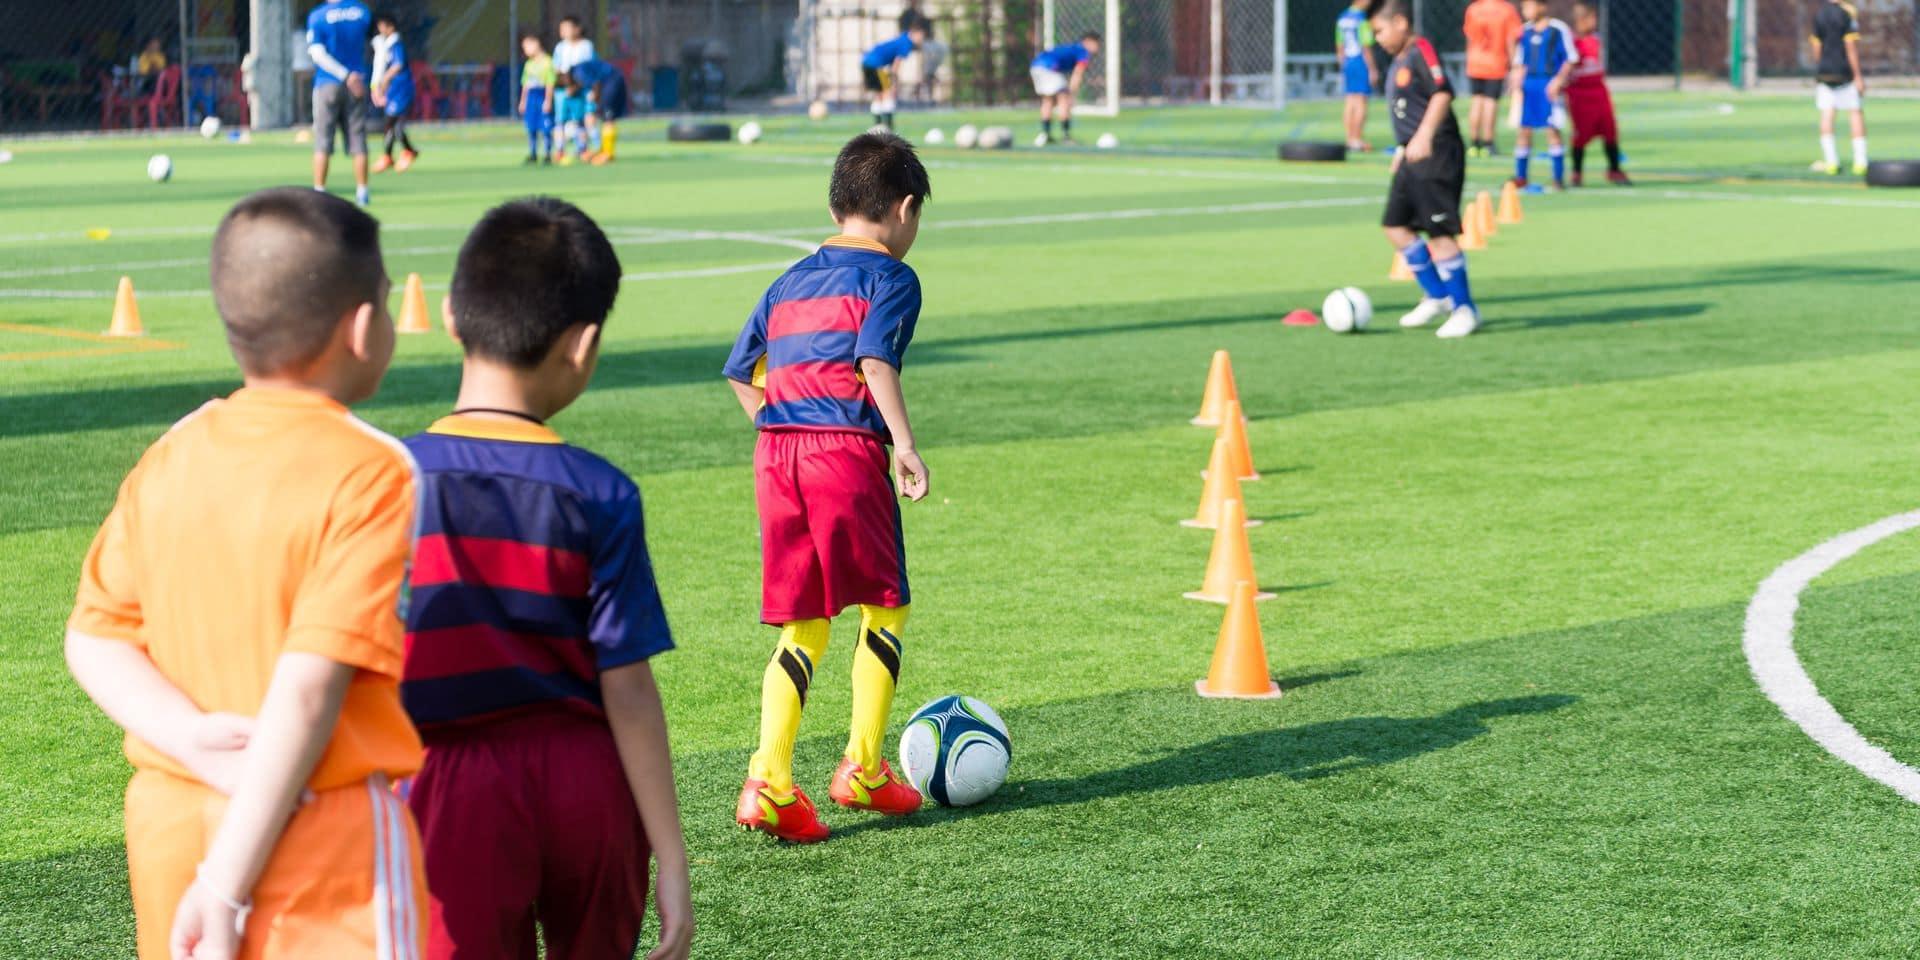 Plus de 60 millions d'euros de perte pour le secteur sportif